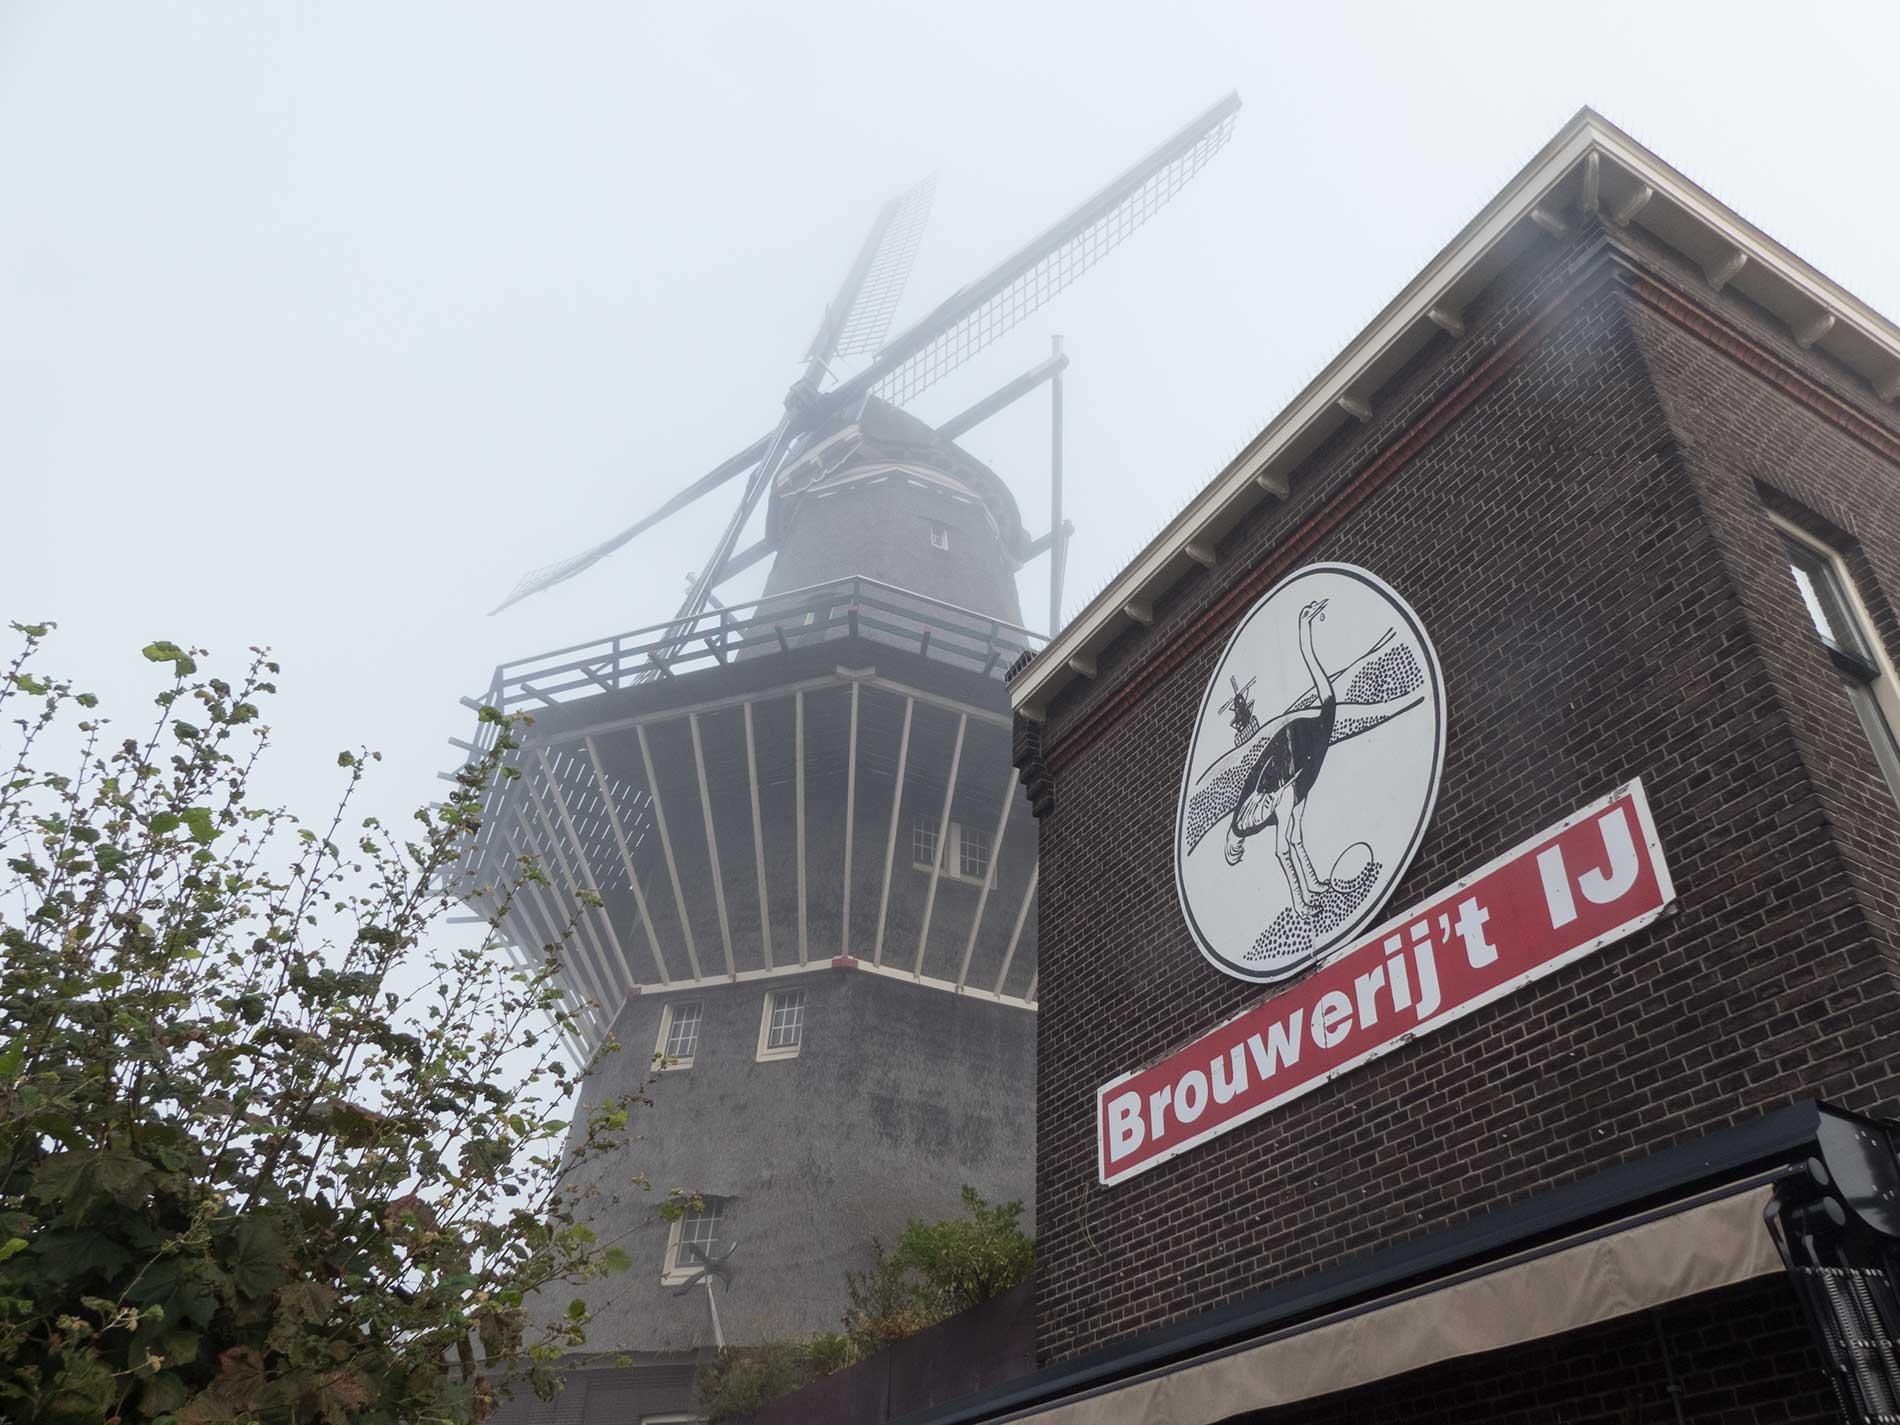 De Gooyer met stukje brouwerij 't ij (logo zichtbaar) in de mist